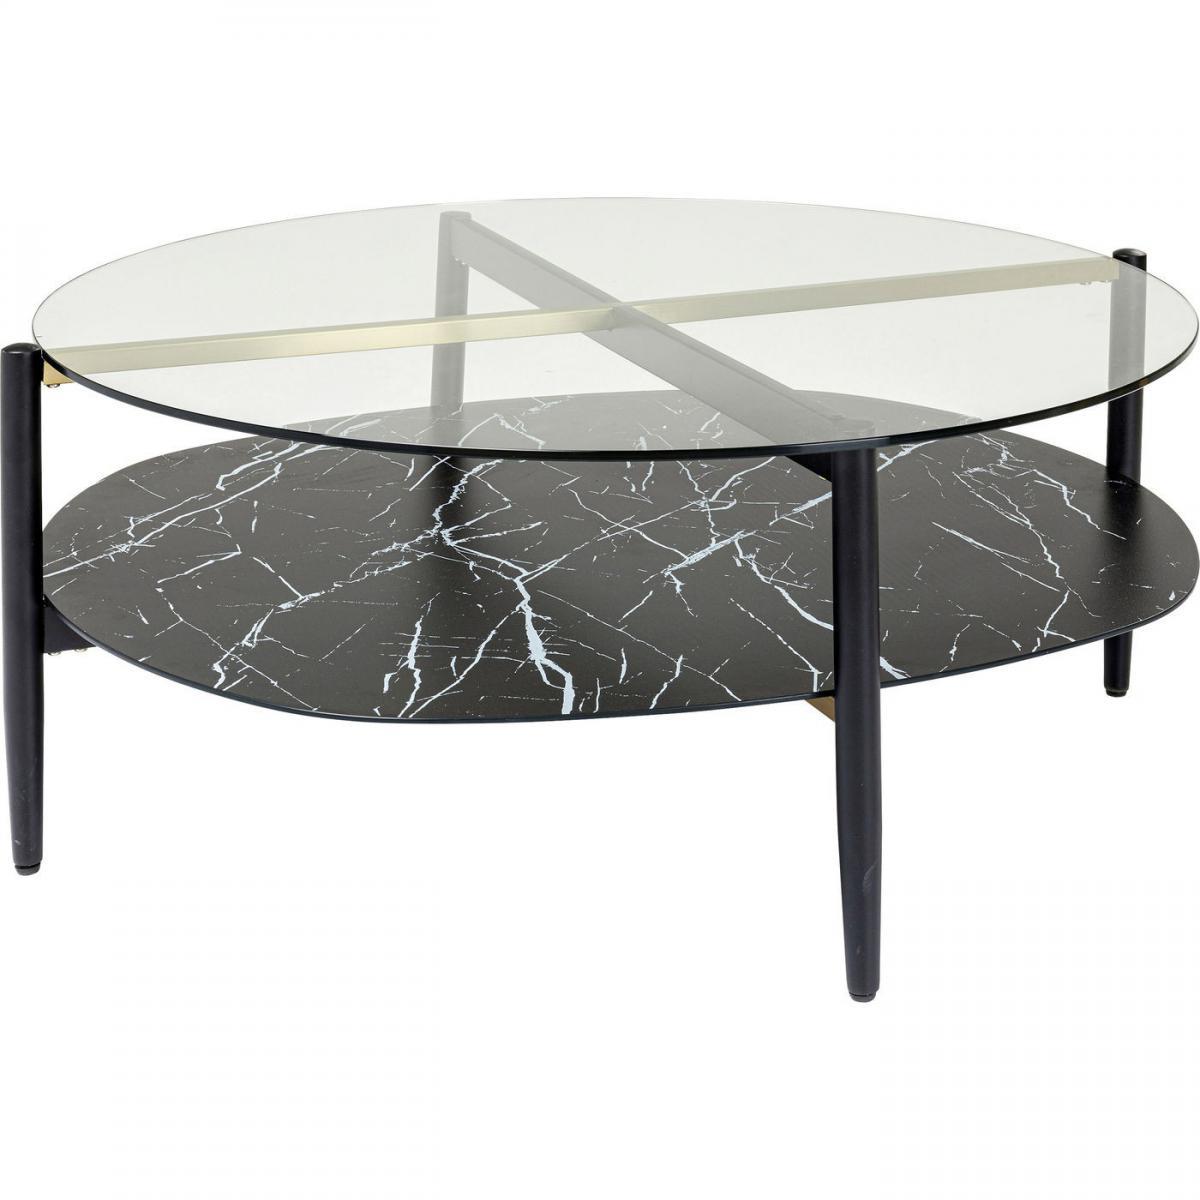 Karedesign Table basse Noblesse ovale 97x91cm Kare Design